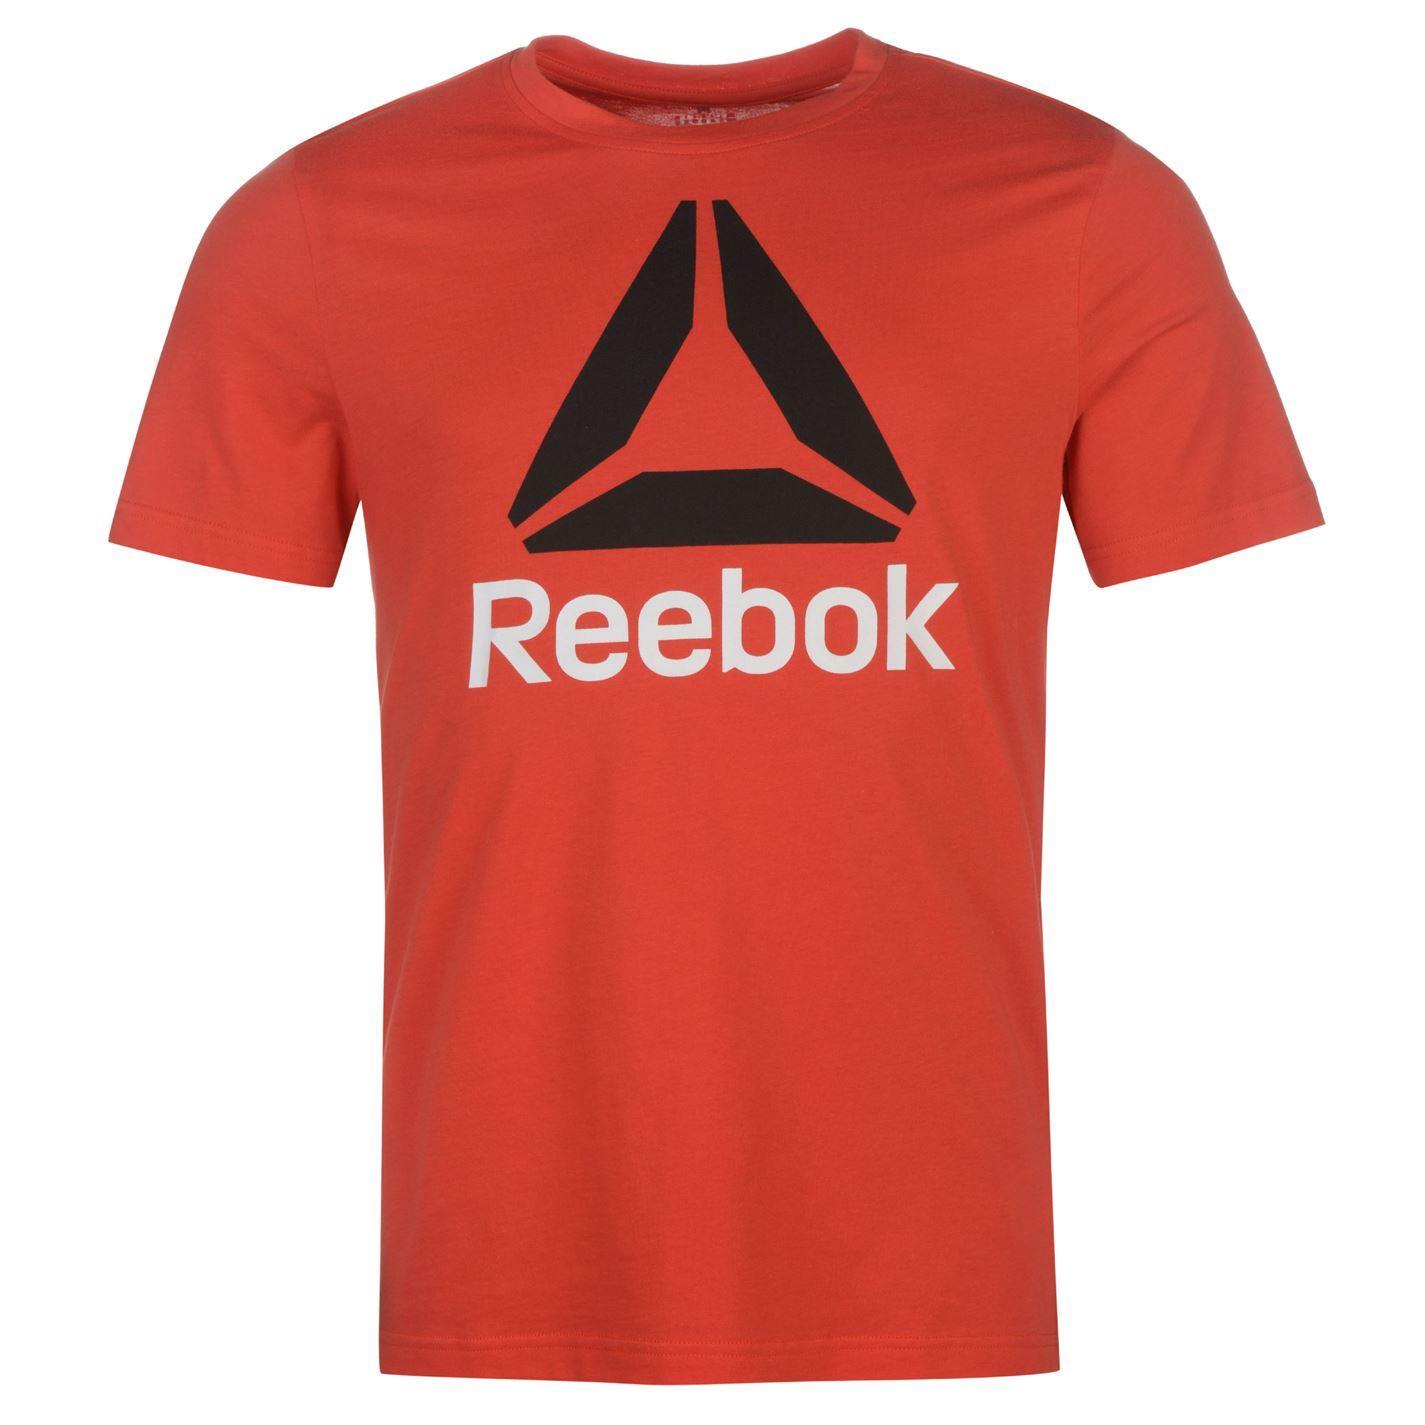 Reebok-Stack-Delta-Logo-T-Shirt-Mens-Tee-Shirt-Top thumbnail 21